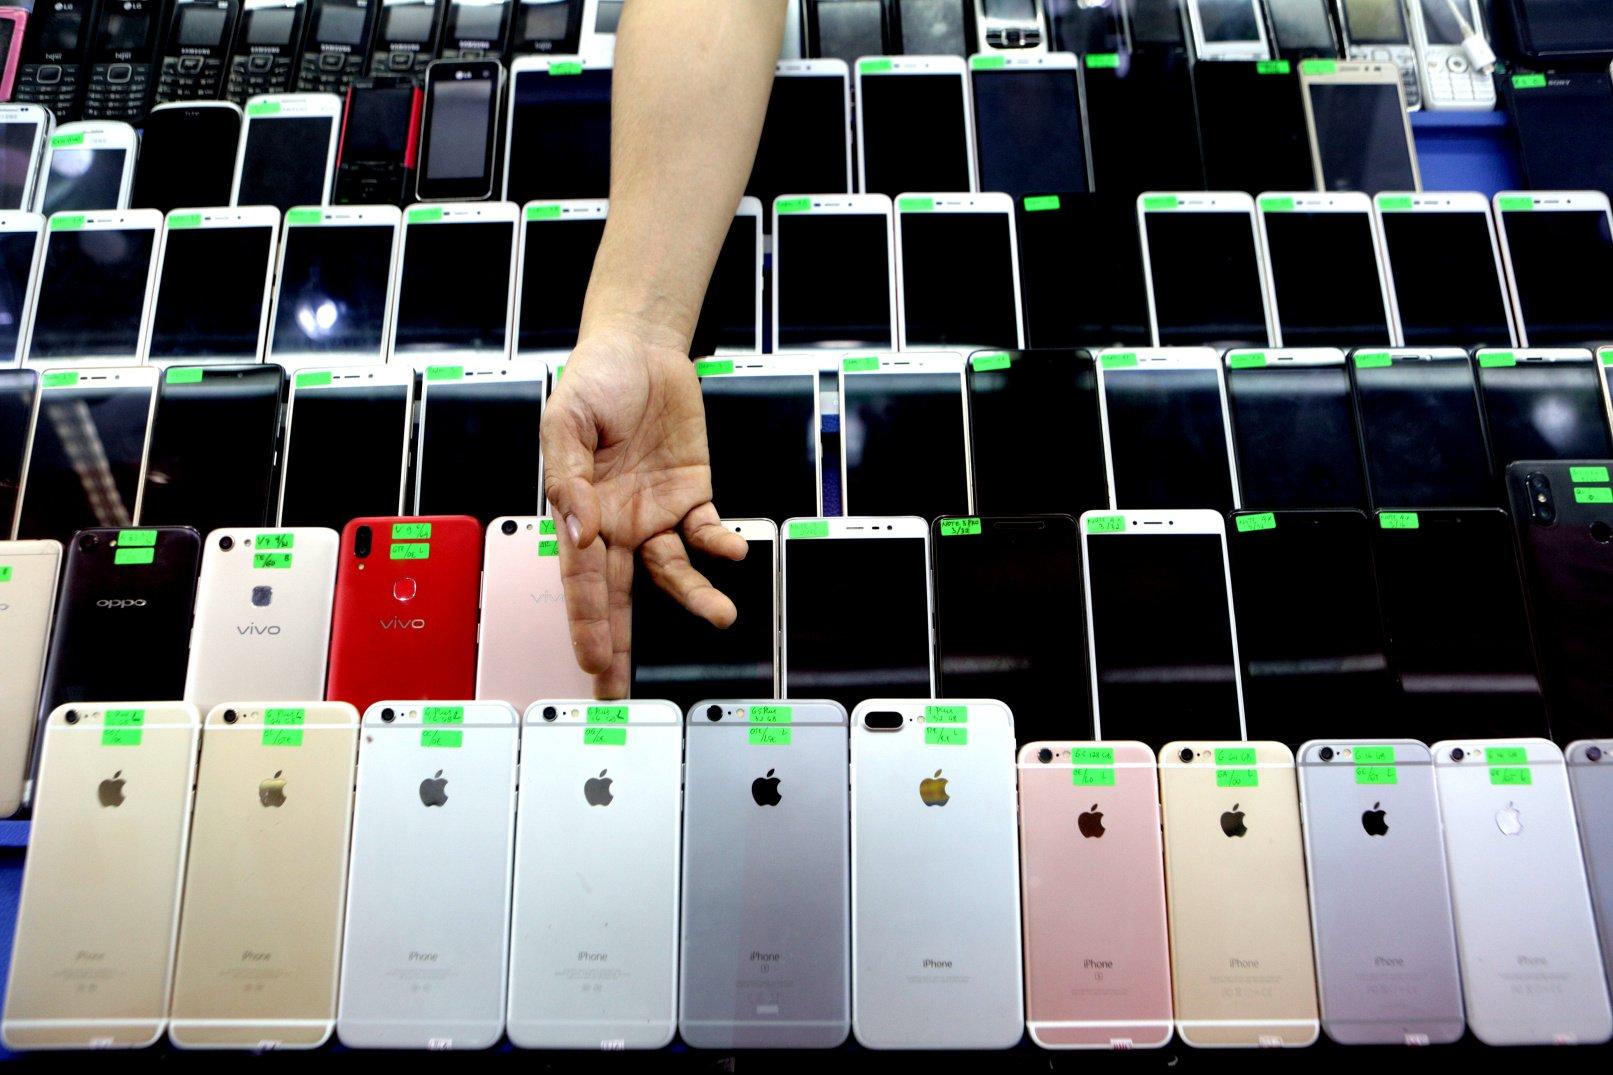 Penjualan handphone bekas di ITC Roxy Mas, Jakarta (11/11/2019). Sebagian masyarakat yang biasanya berburu telepon seluler di toko-toko offline bergeser ke transaksi penjualan elektronik di e-commerce.